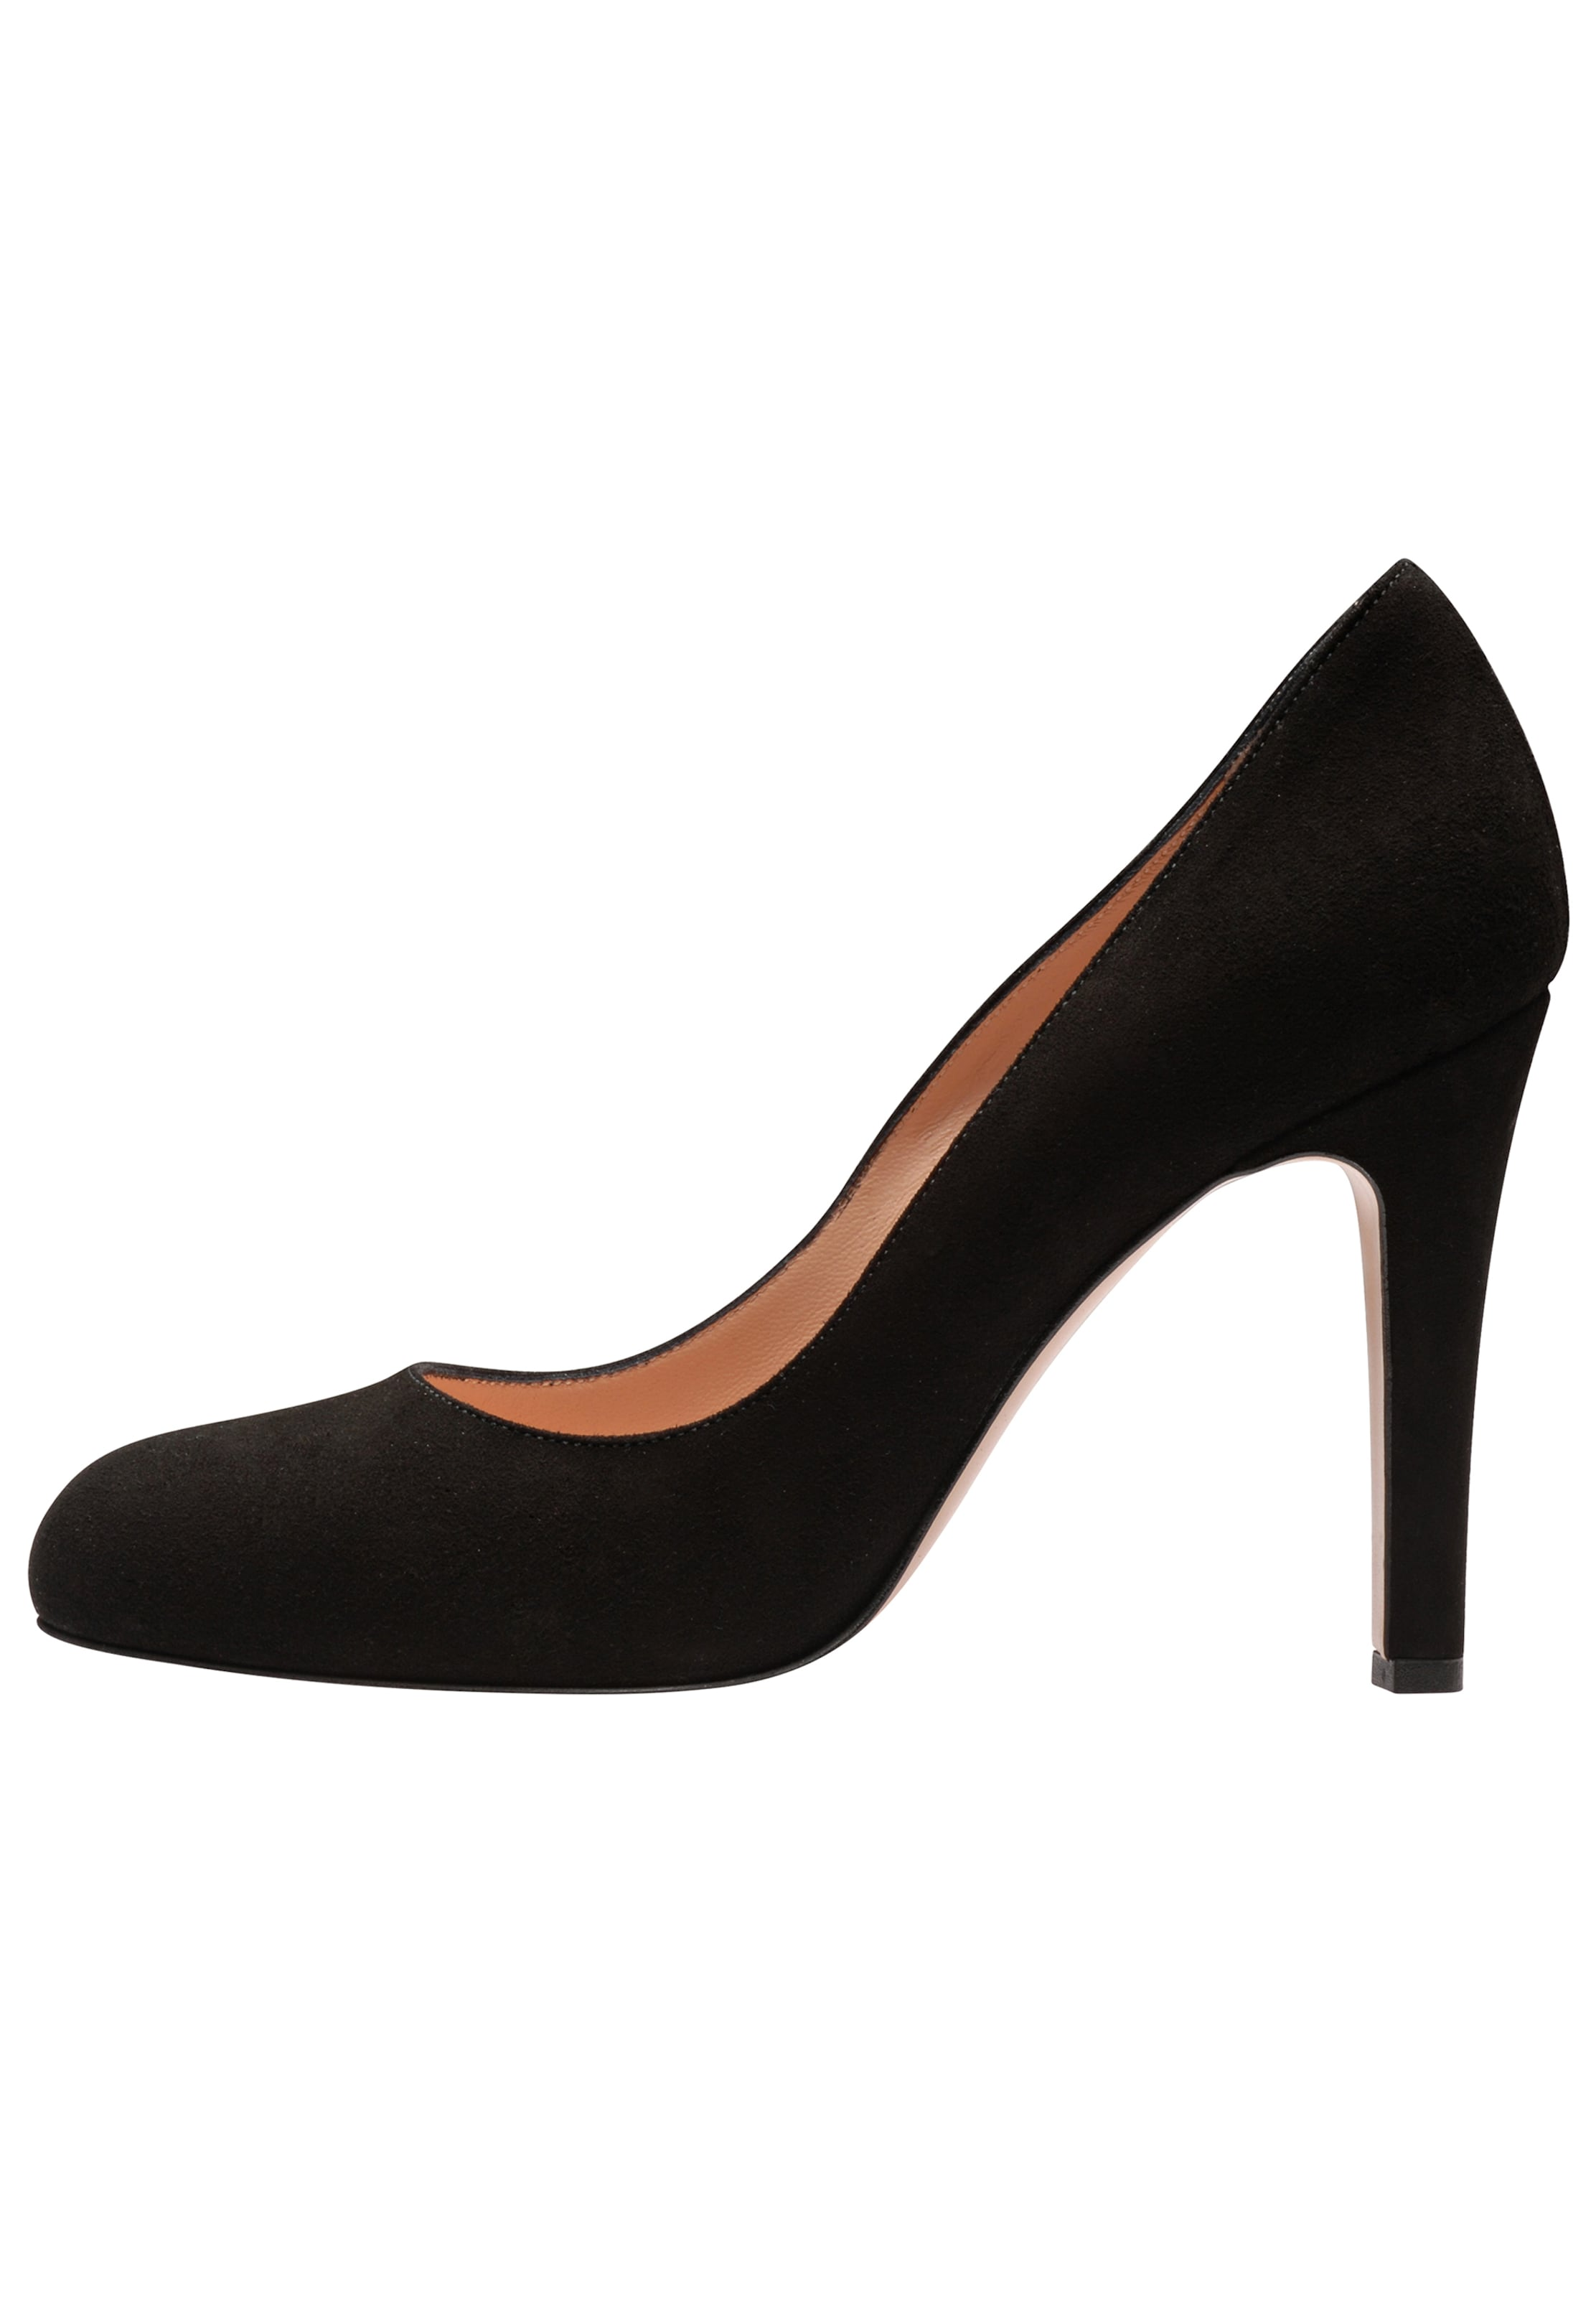 Escarpins En Evita Noir En Escarpins Evita Noir 5RL3A4cjq